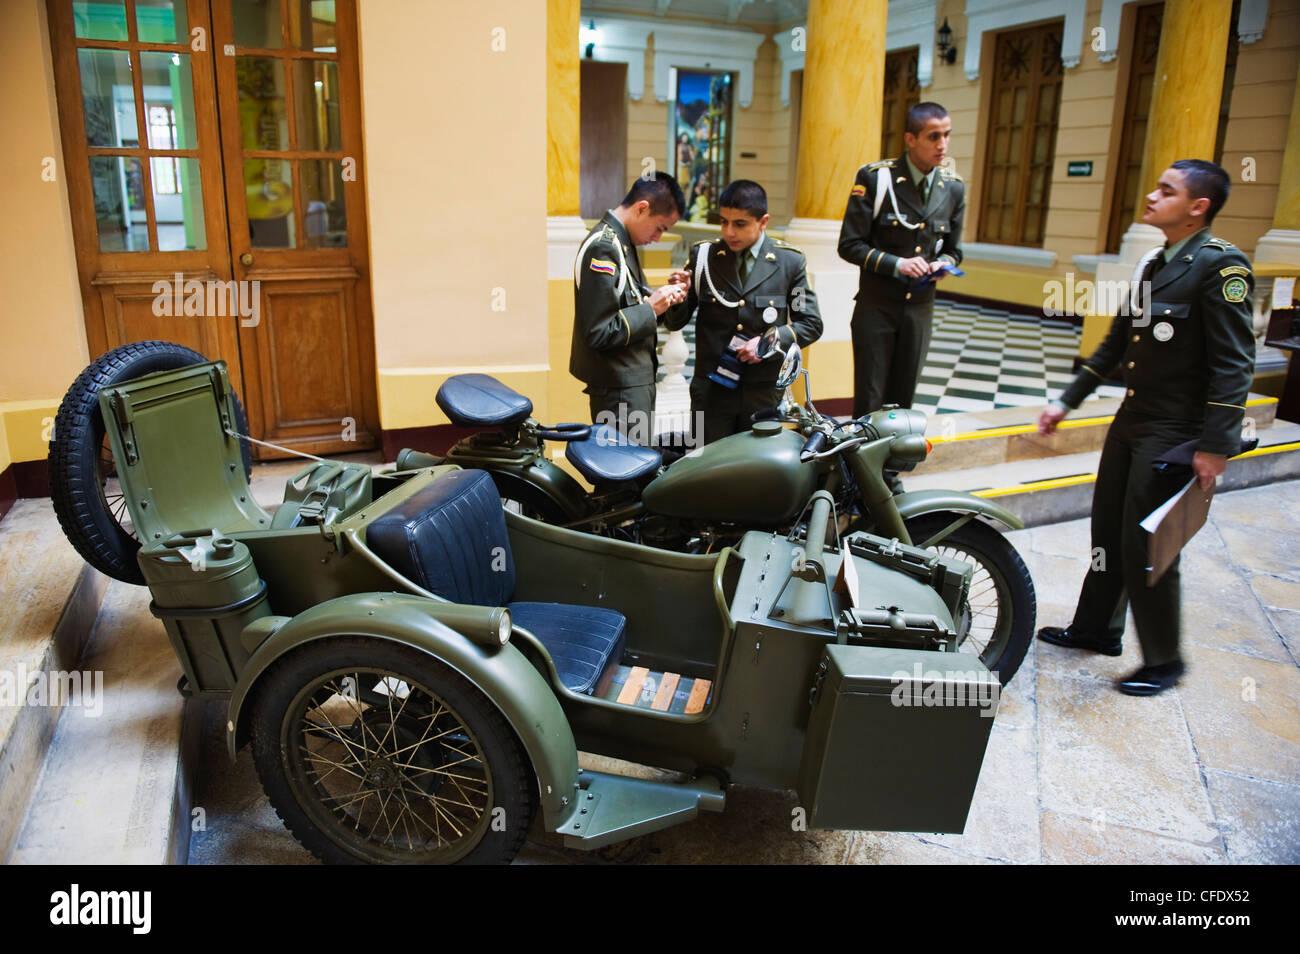 Policiers et moto afficher, Musée de la police, Bogota, Colombie, Amérique du Sud Photo Stock